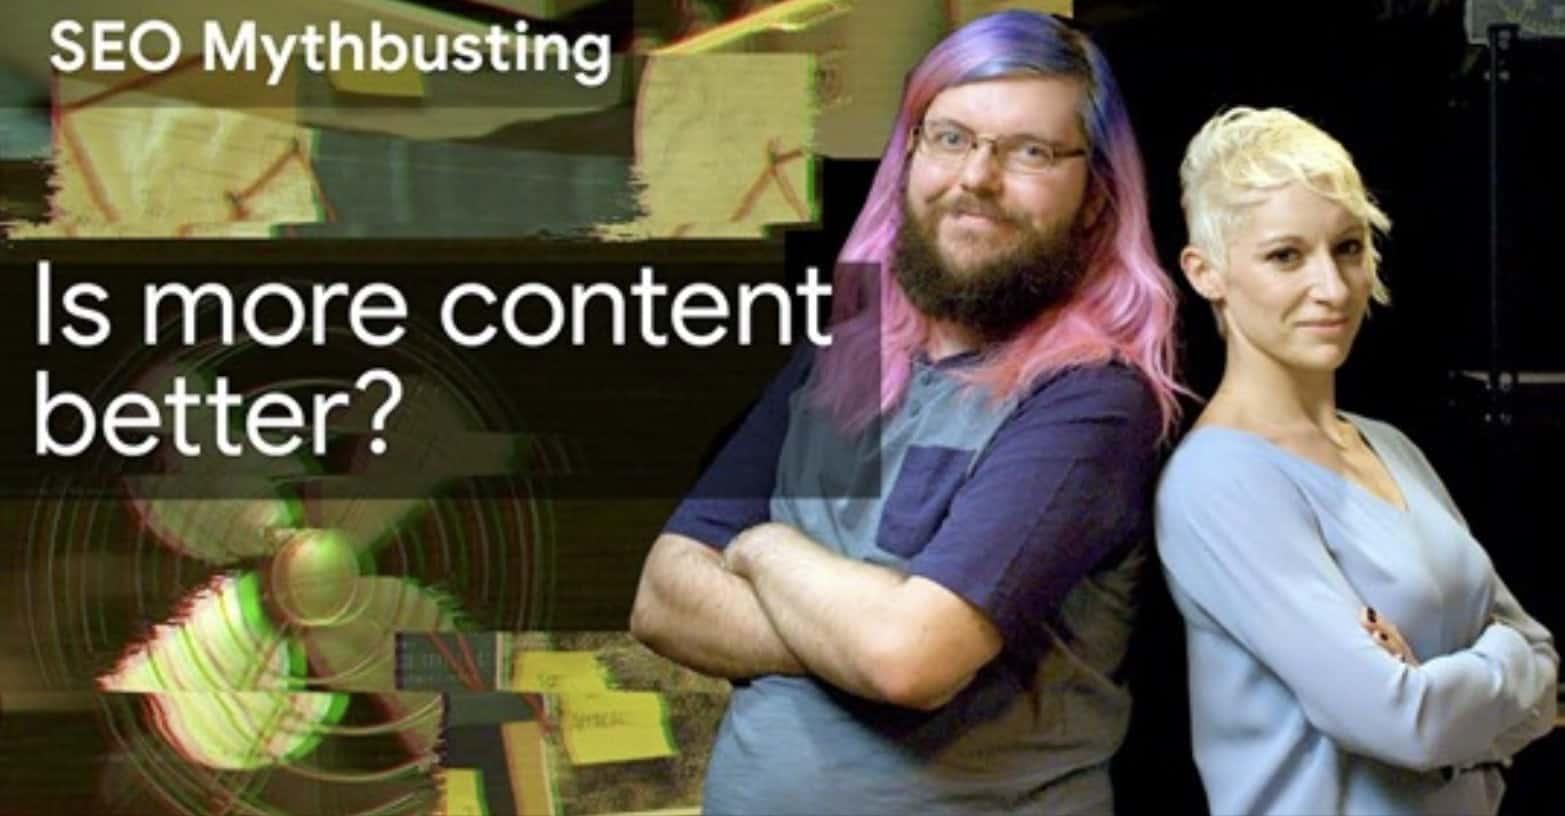 جوجل يوضح متى يكون انشاء الكثير من المحتوى مناسبا ومتى لا يكون كذلك